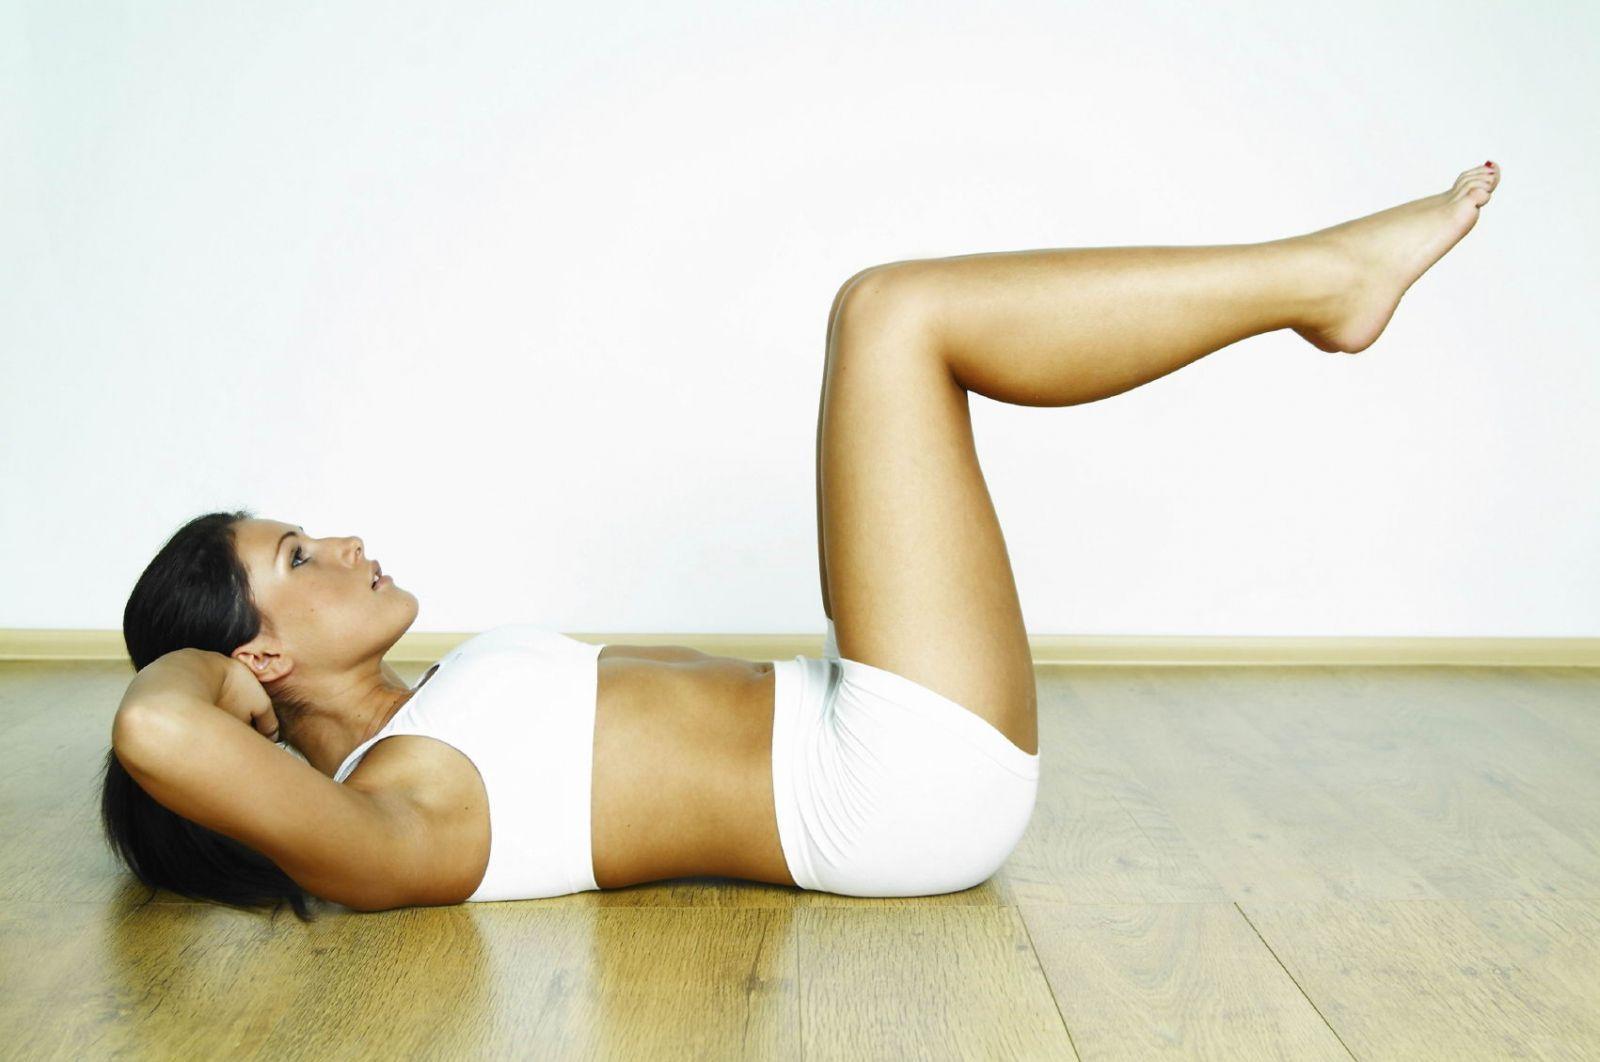 упражнения похудения для живота